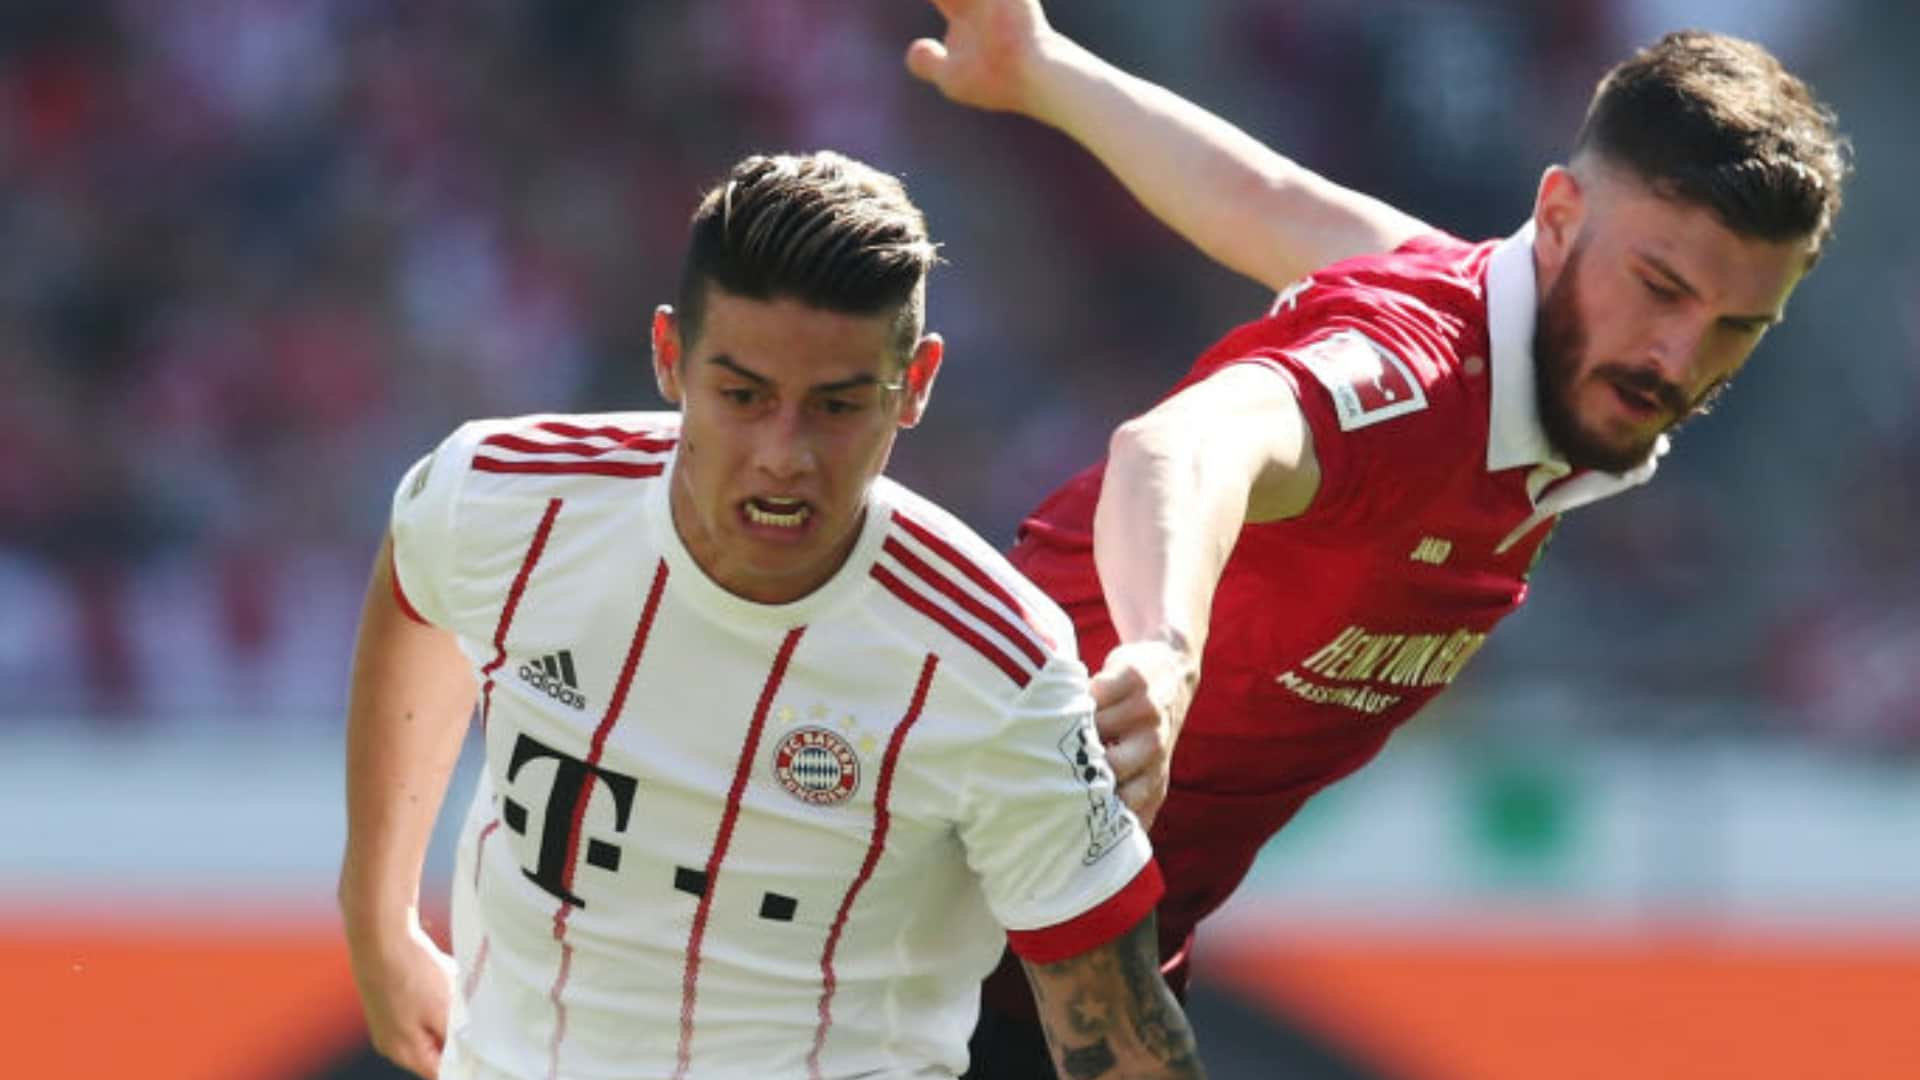 Video: Actuación de James Rodríguez en Hannover VS Bayern München fecha 31 Bundesliga